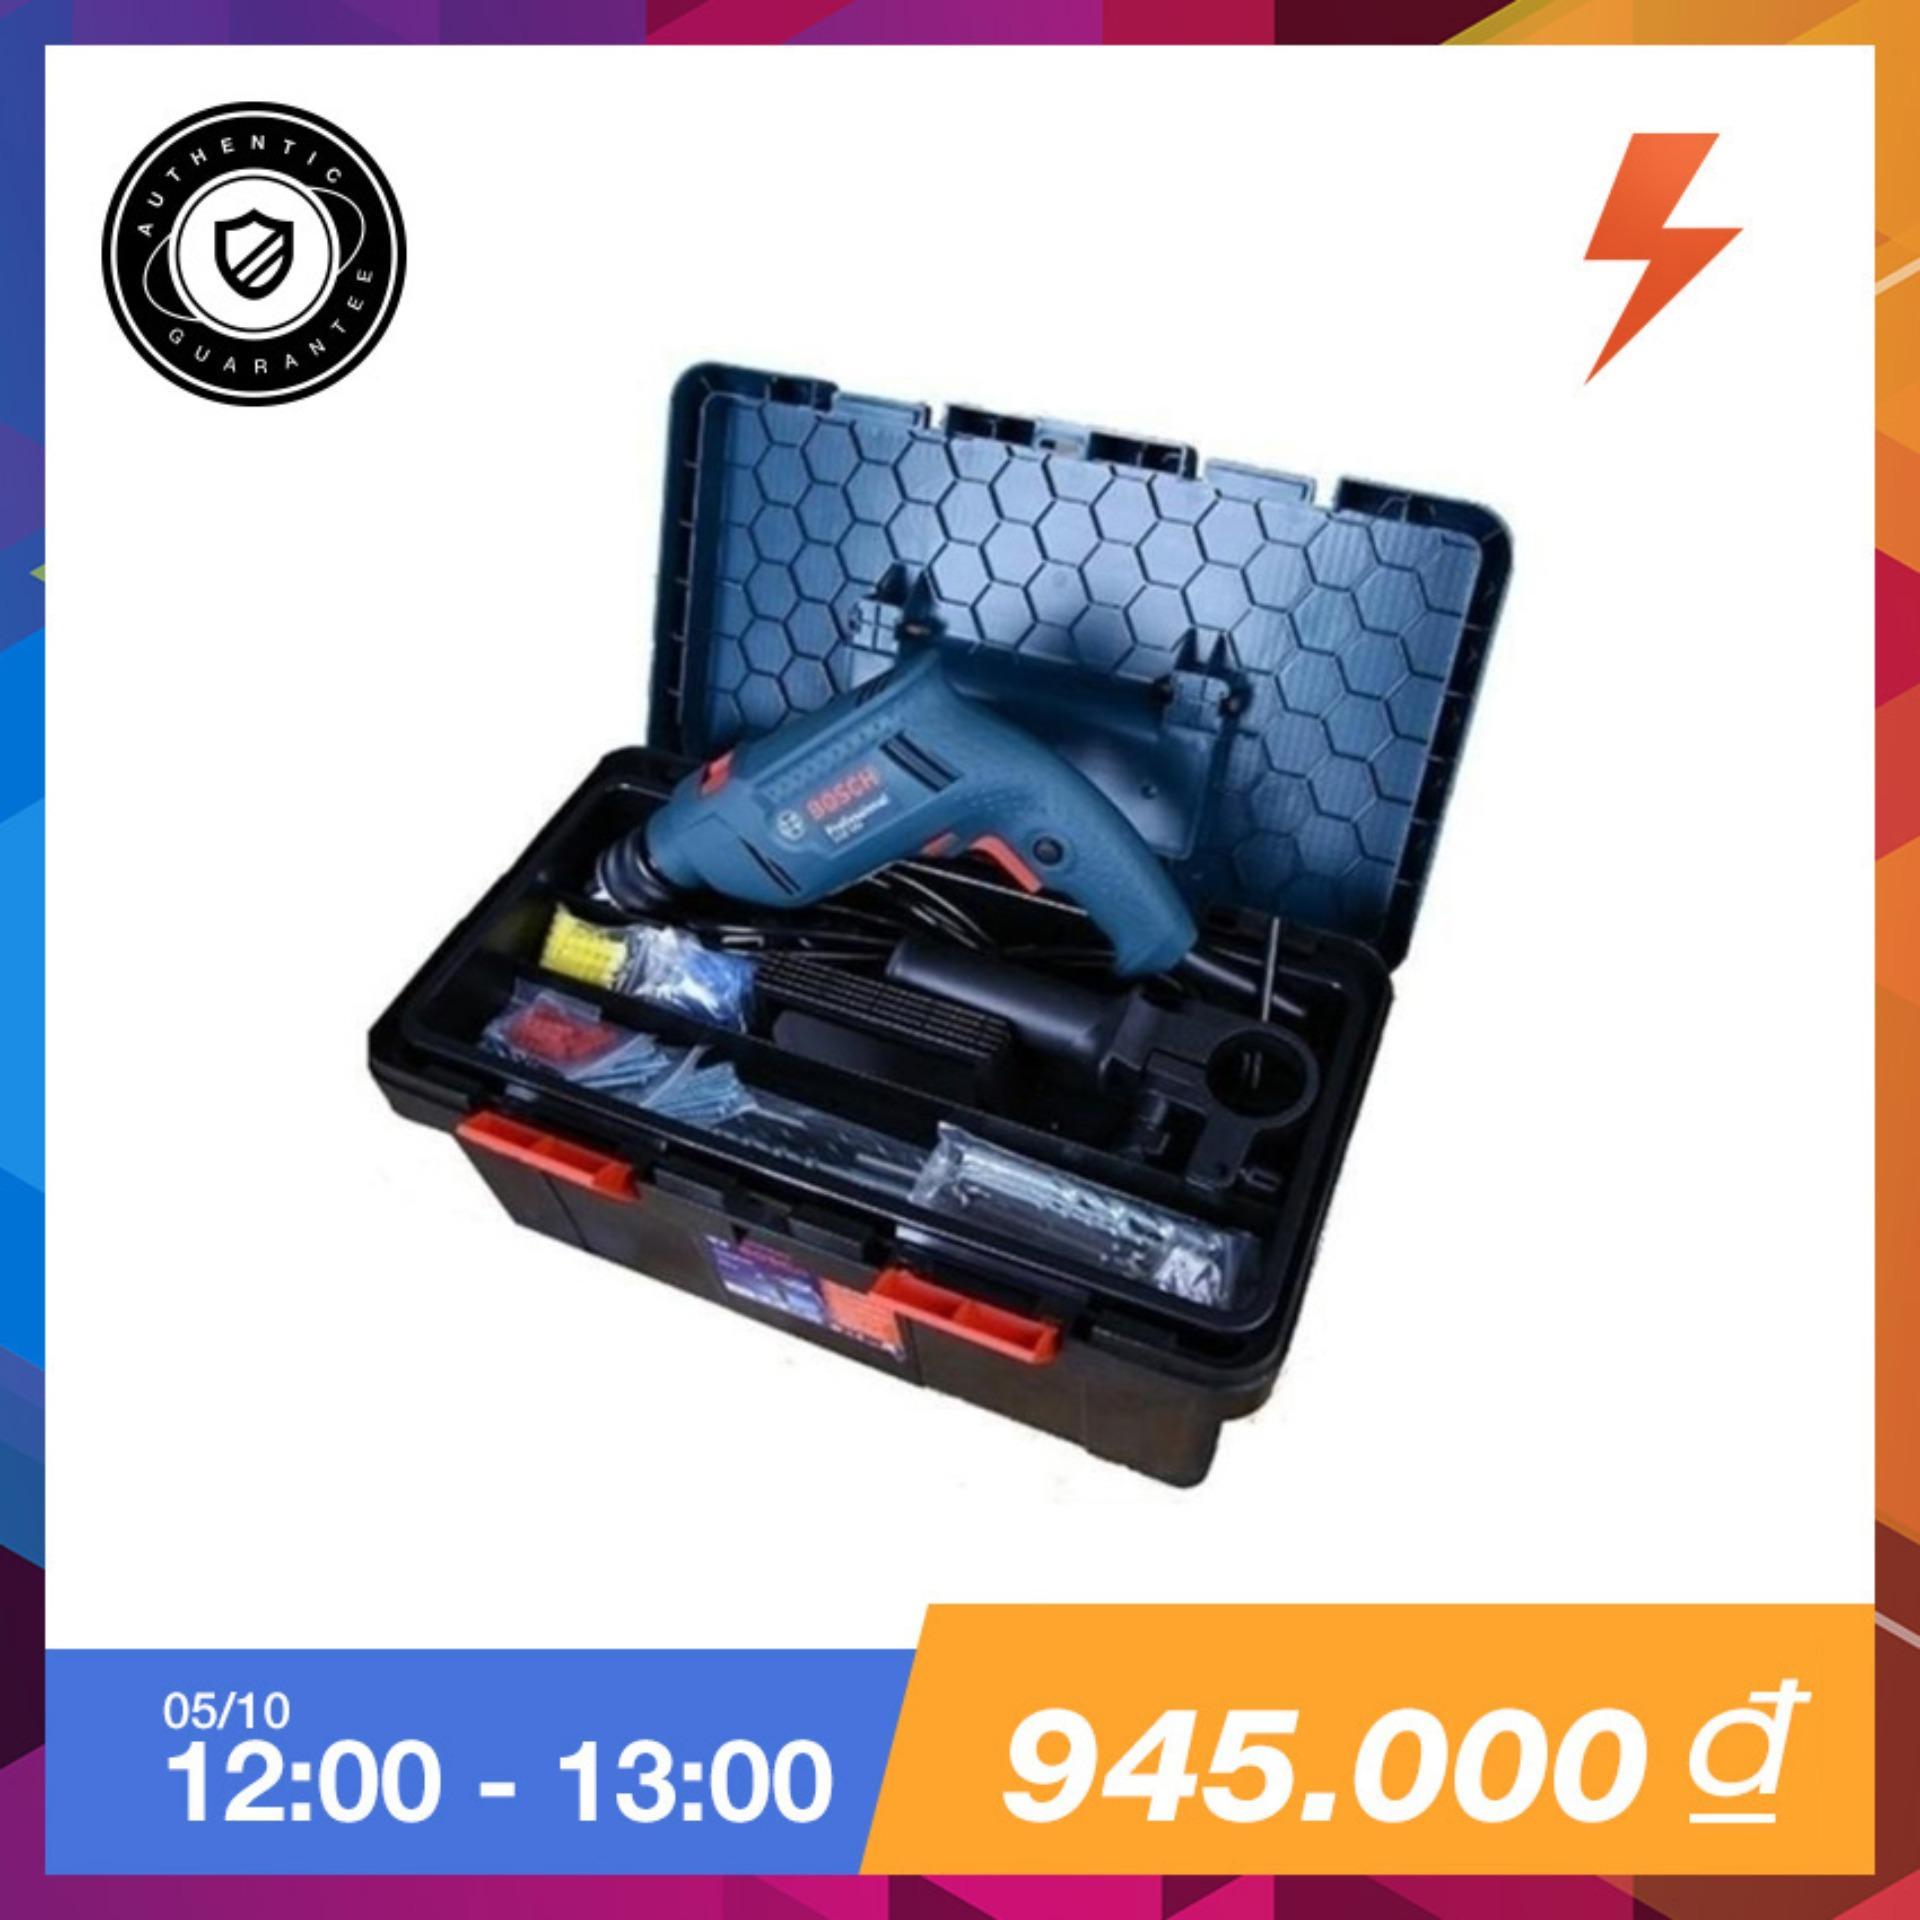 Bán Bộ May Khoan Bosch Gsb 550 Freedom Set 550W Va 90 Chi Tiết Kem Hộpnđựng Dụng Cụ Xanh Tặng Bộ Mũi Khoan Va Vặn Vit X Line 34 Chintiết Bosch 2607010608 Trong Bắc Ninh